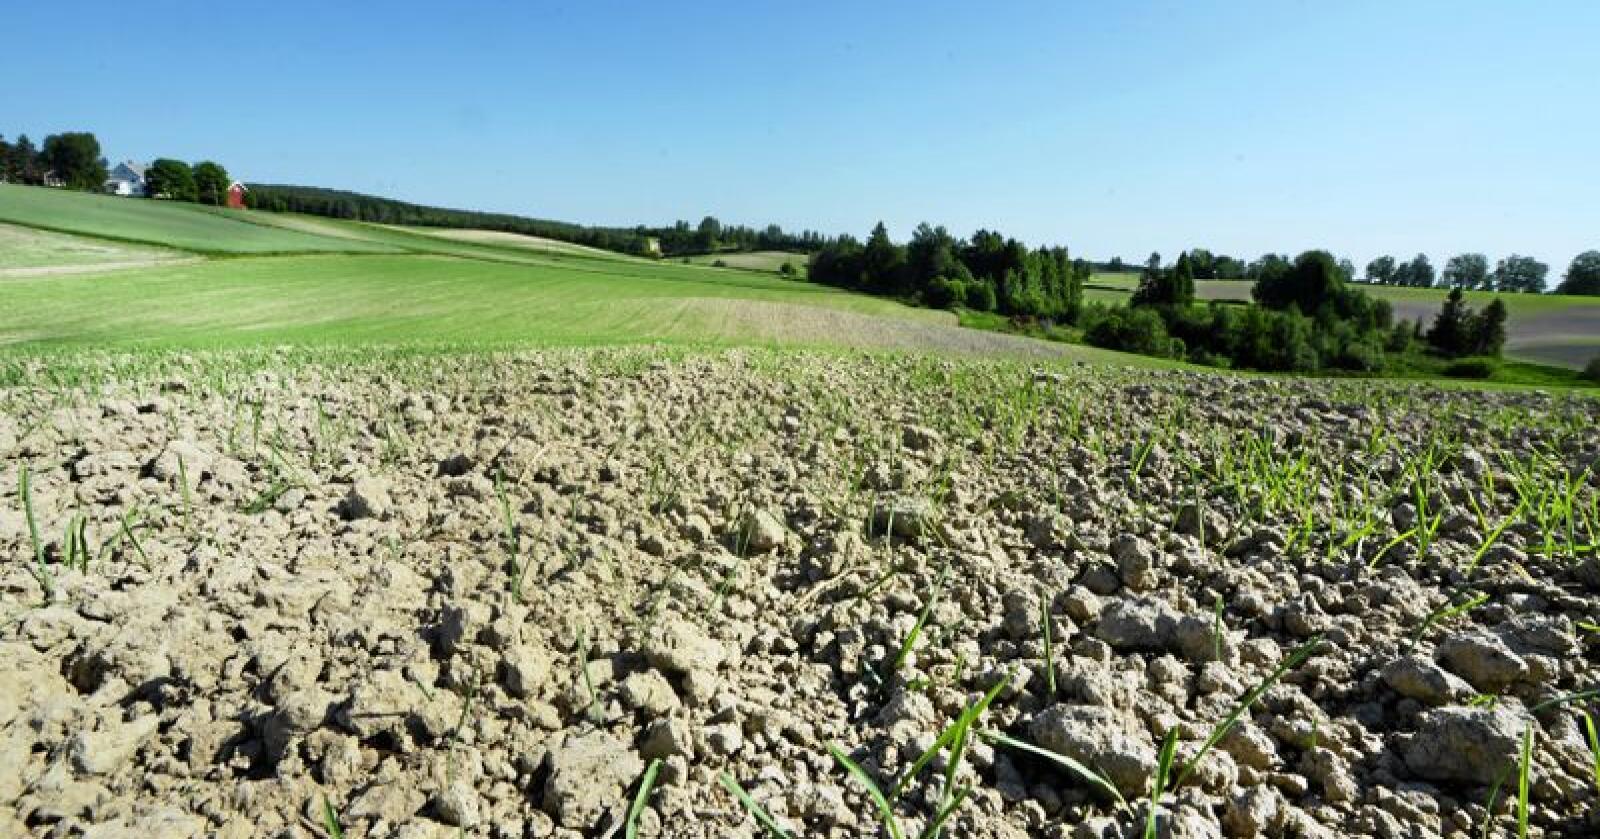 Tørkesommeren 2018 skapte store avlingsreduksjoner over store deler av landet. Foto: Siri Juell Rasmussen